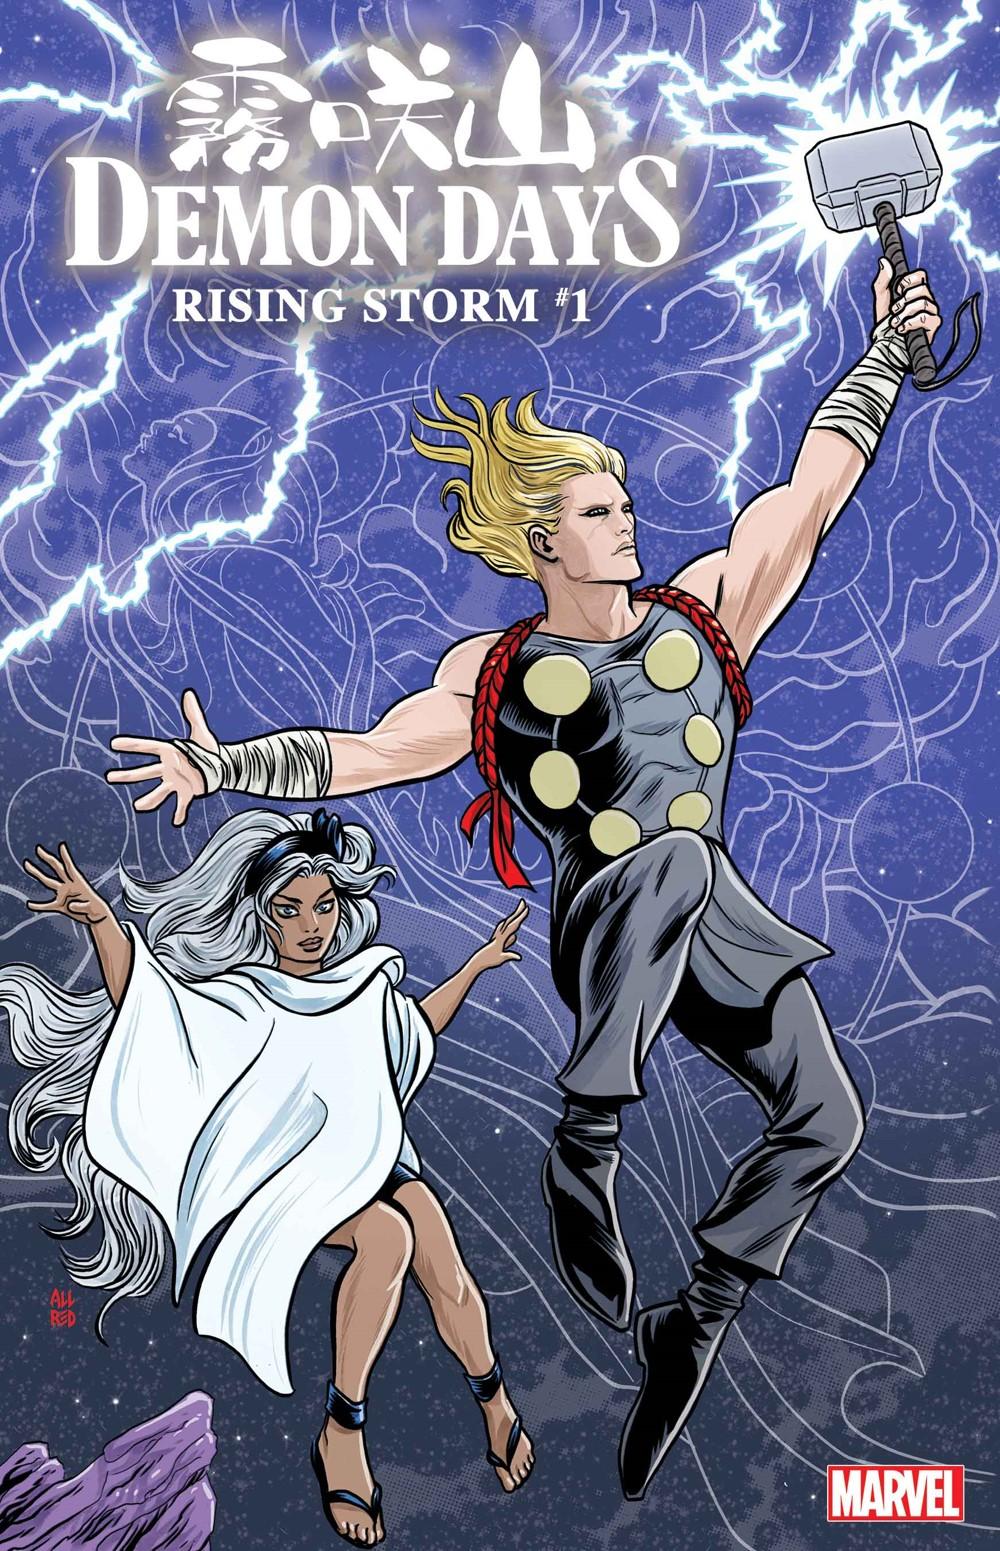 DEMONDAYSRISING001_Allred_var Marvel Comics December 2021 Solicitations